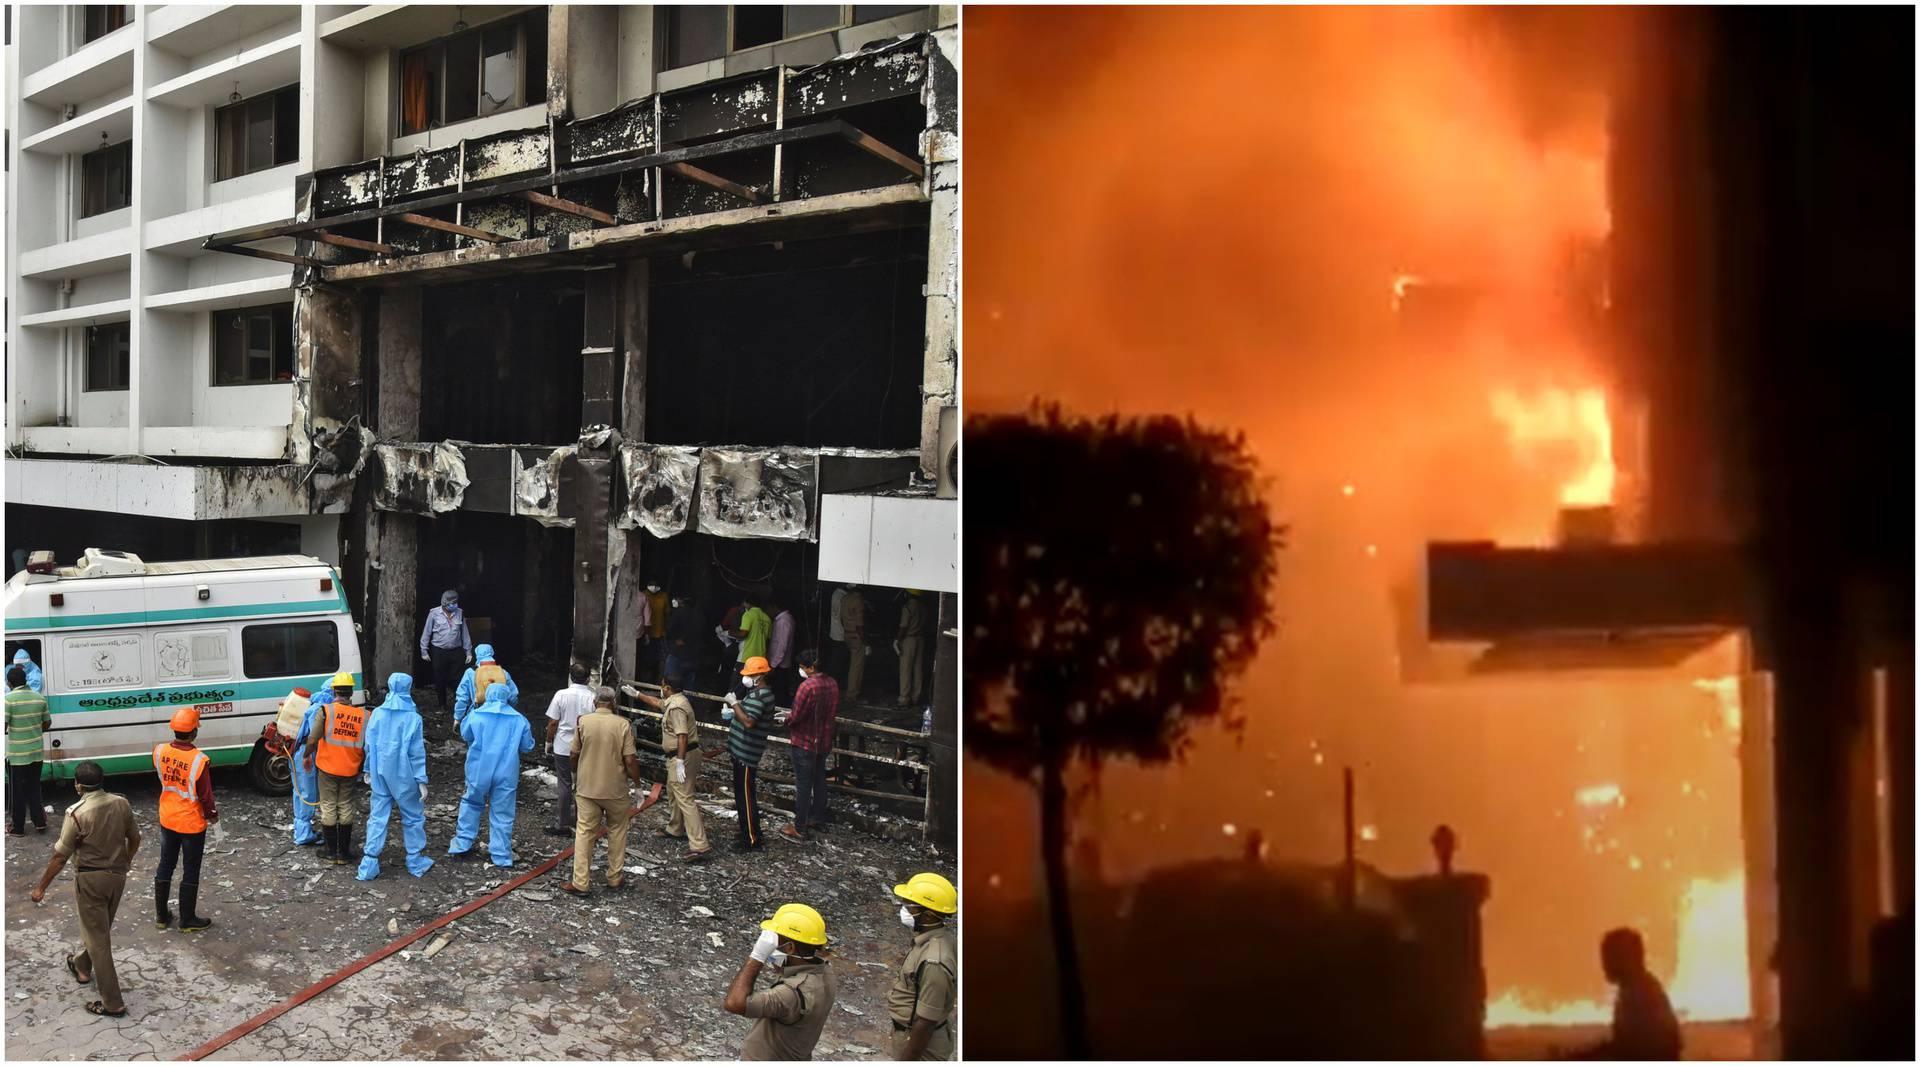 Jezivi prizori: U požaru covid bolnice poginulo 10 ljudi, bili su zarobljeni na gornjim katovima